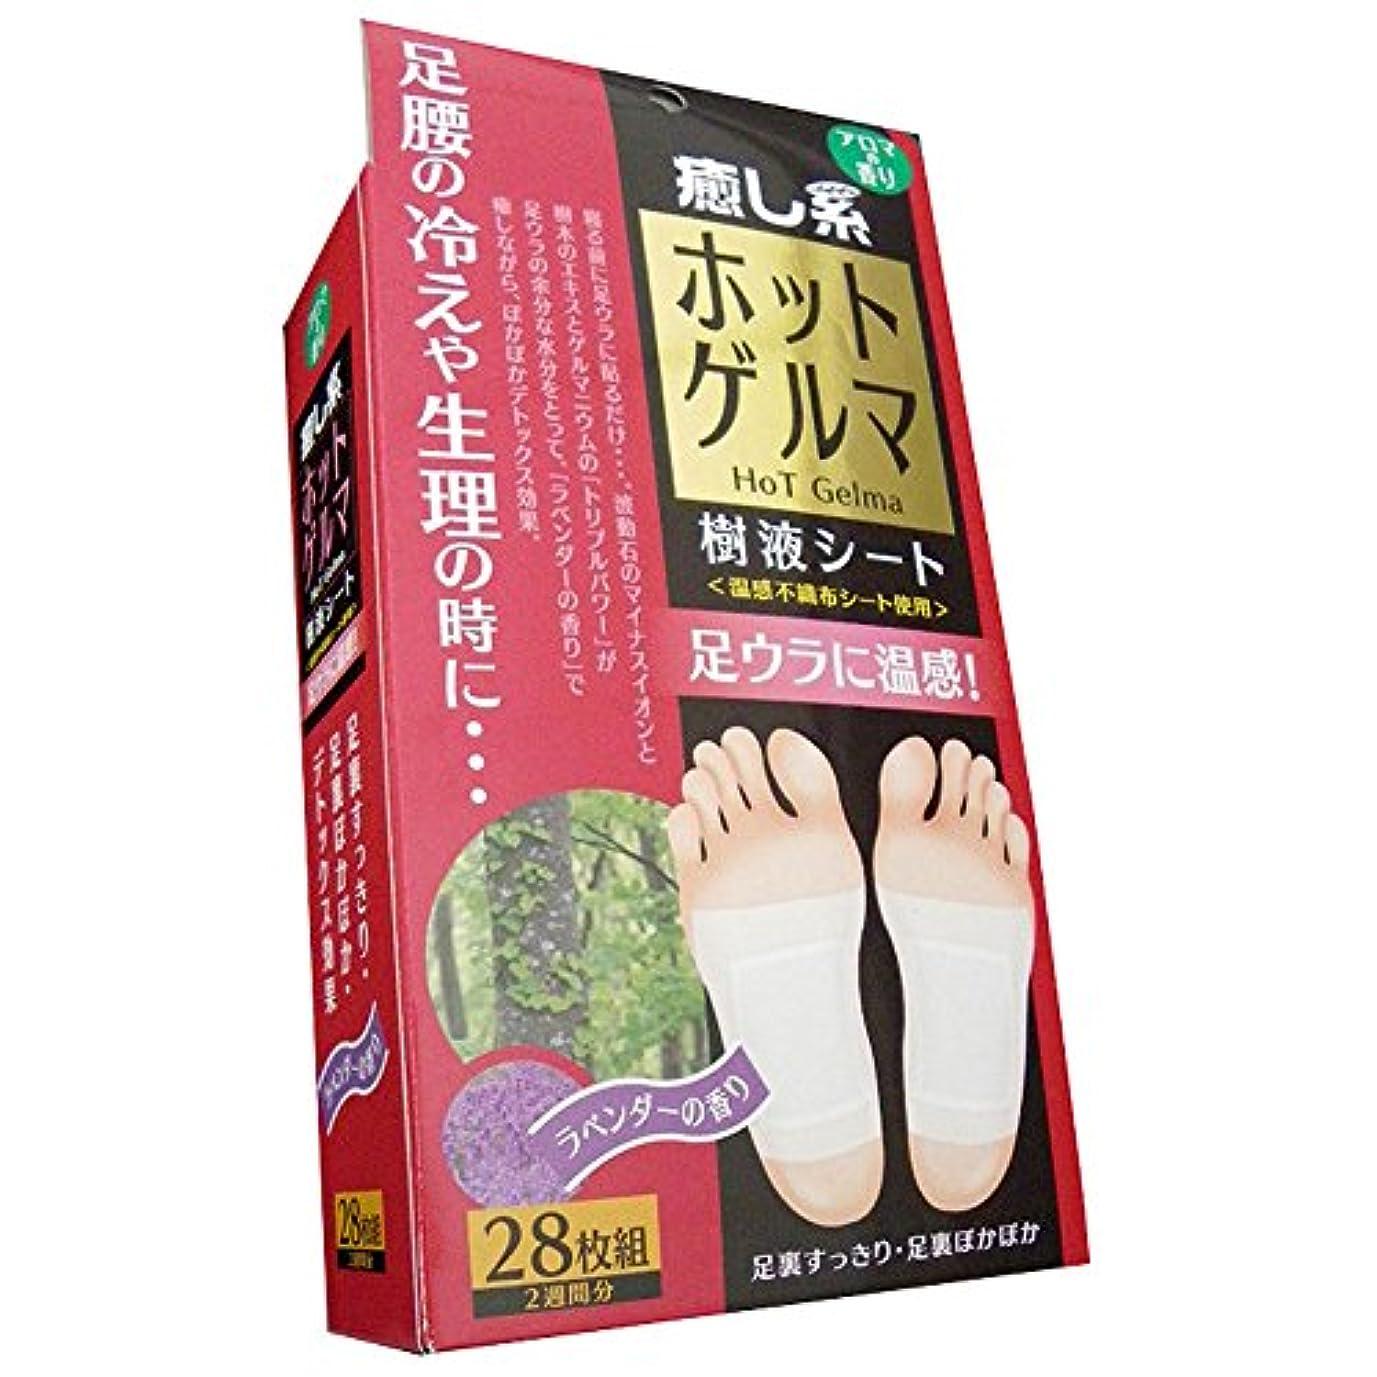 ブランデー来て取り付け日本製 HADARIKI ホットゲルマ樹液シート28枚組 2週間分 ラベンダーの香り 足 裏 樹液 シート フット ケア 足ツボ 健康 まとめ買い